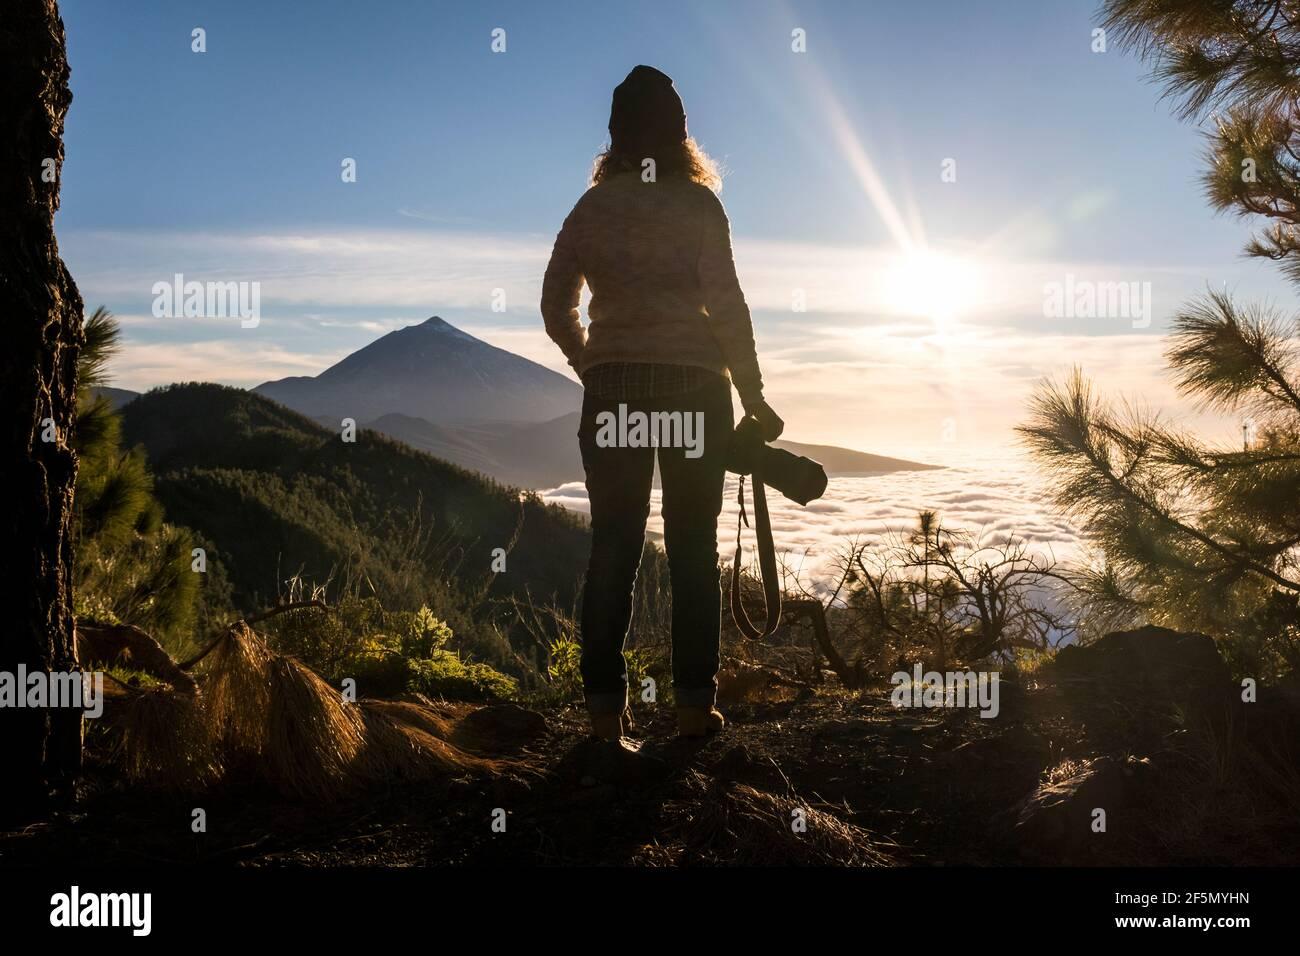 Femme debout dans la vallée du parc en plein air loisir explorant le style de vie actif - liberté de voyage et les personnes alternative tourisme vacances à la montagne - fe Banque D'Images